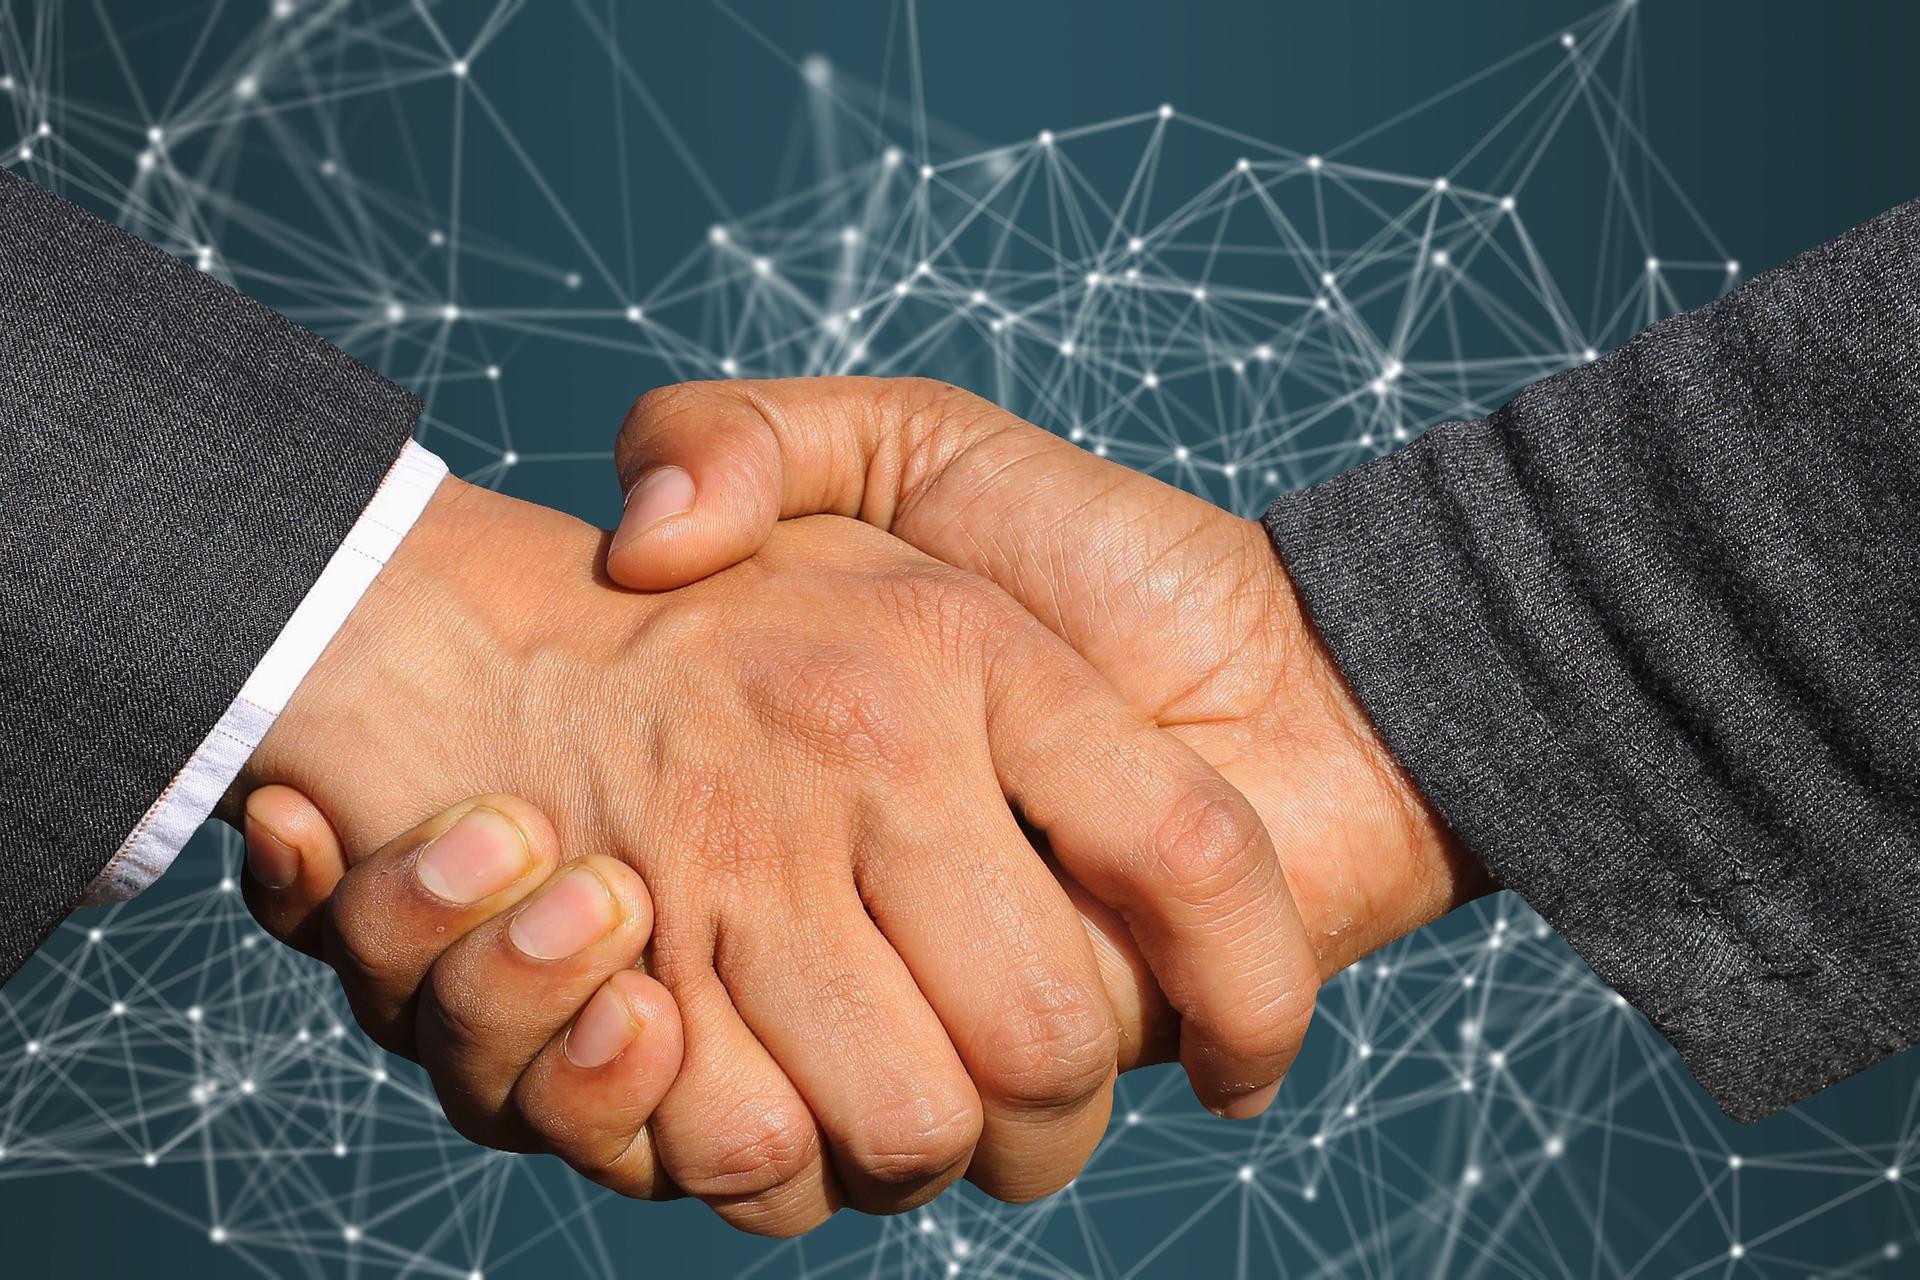 Buchmesse 2020 で商談・交渉をサポートする通訳を探す方法